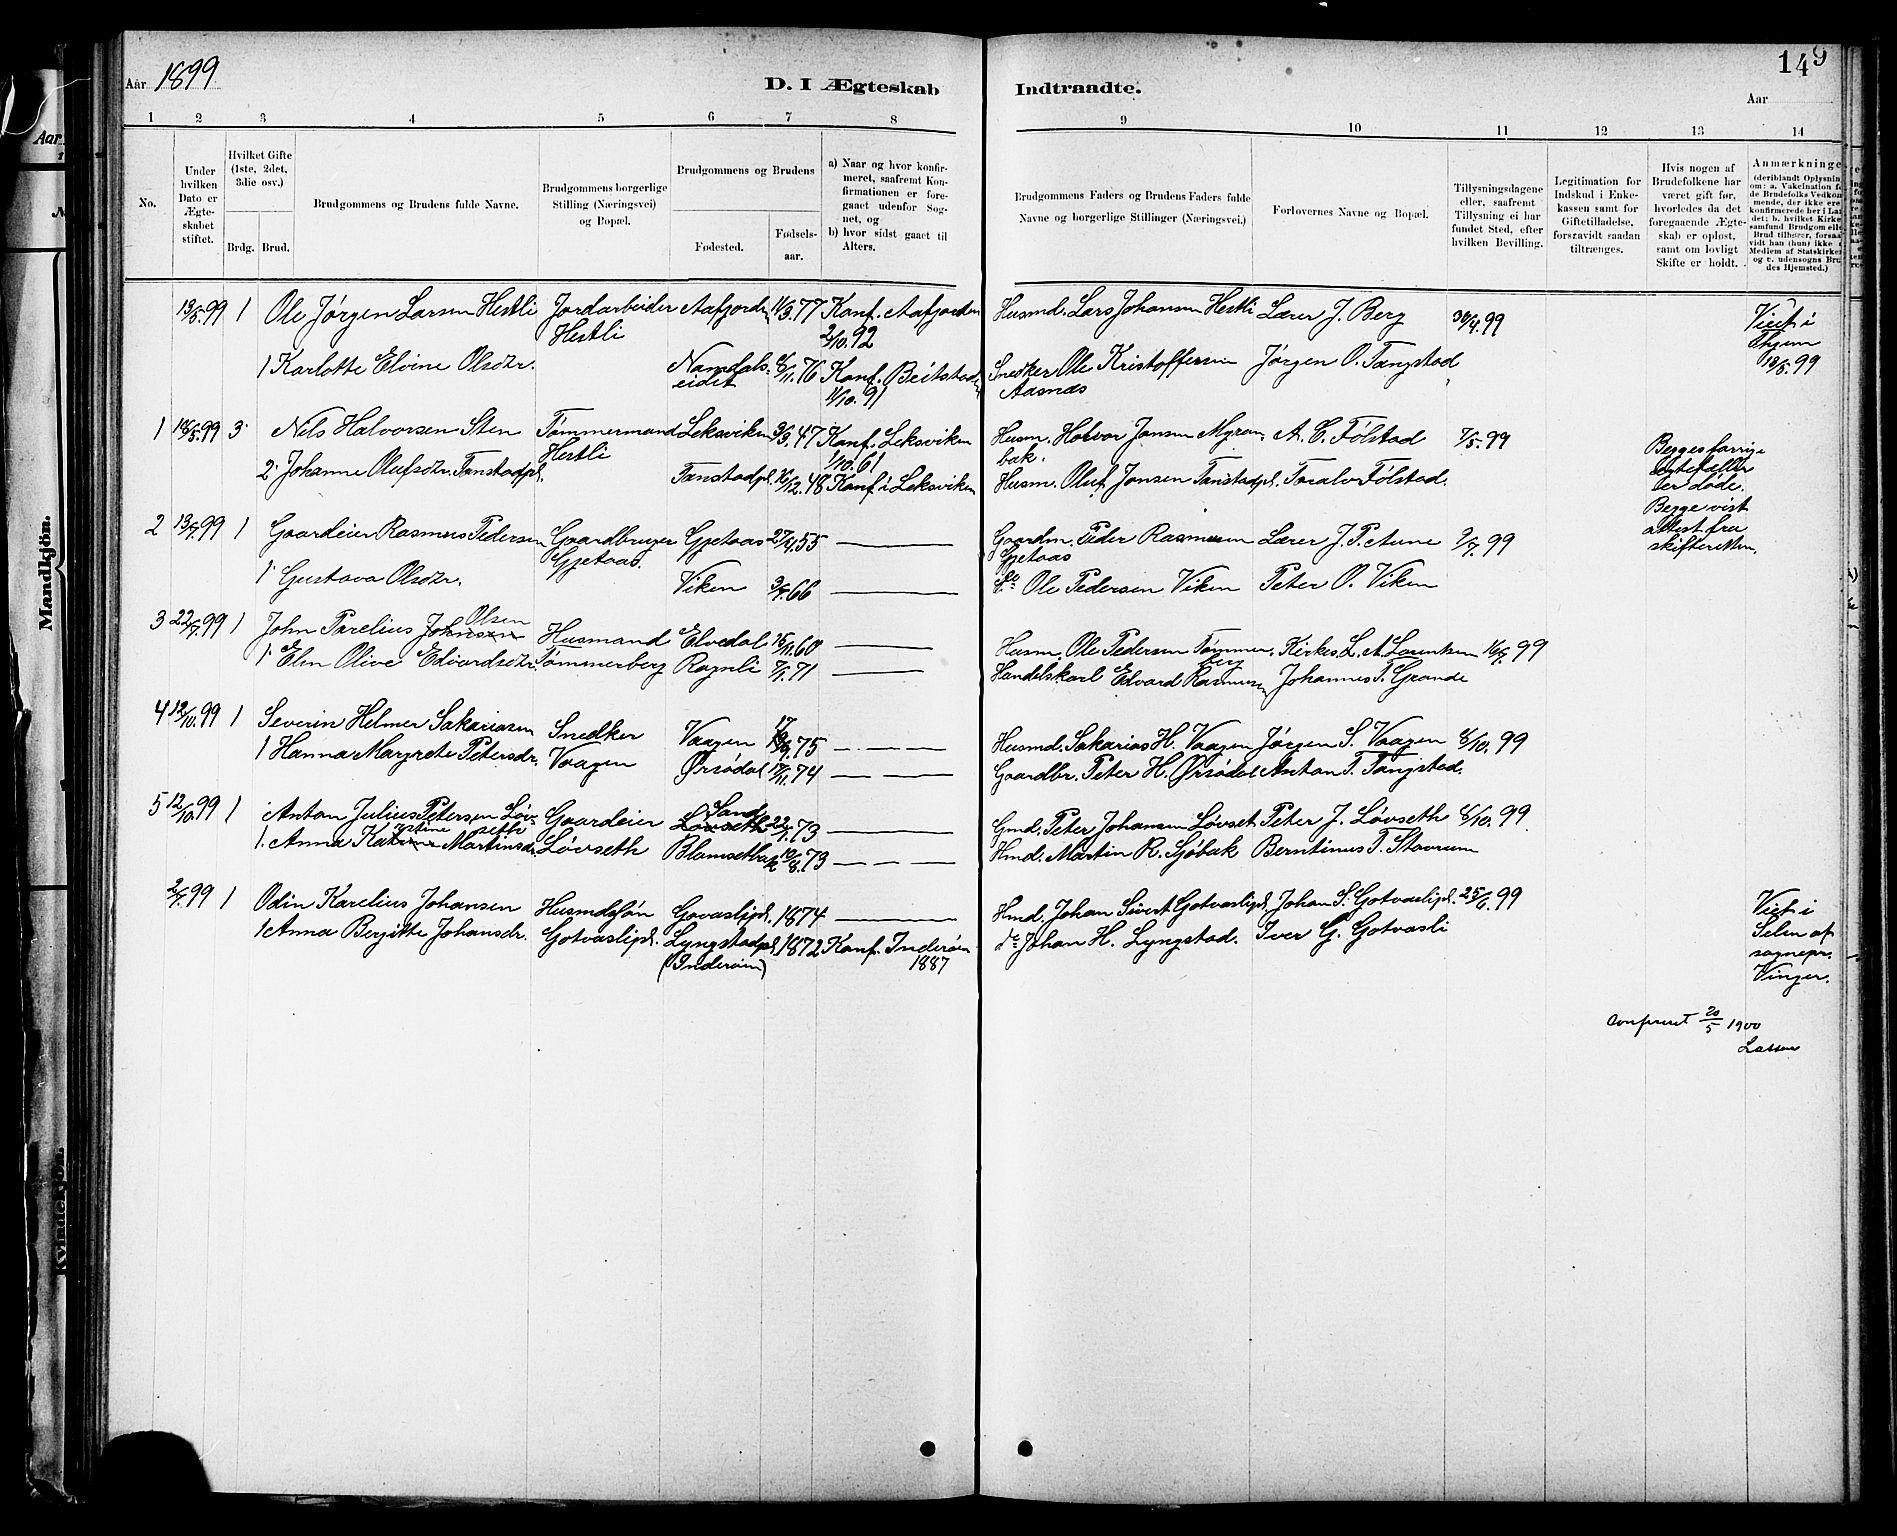 SAT, Ministerialprotokoller, klokkerbøker og fødselsregistre - Nord-Trøndelag, 744/L0423: Klokkerbok nr. 744C02, 1886-1905, s. 149